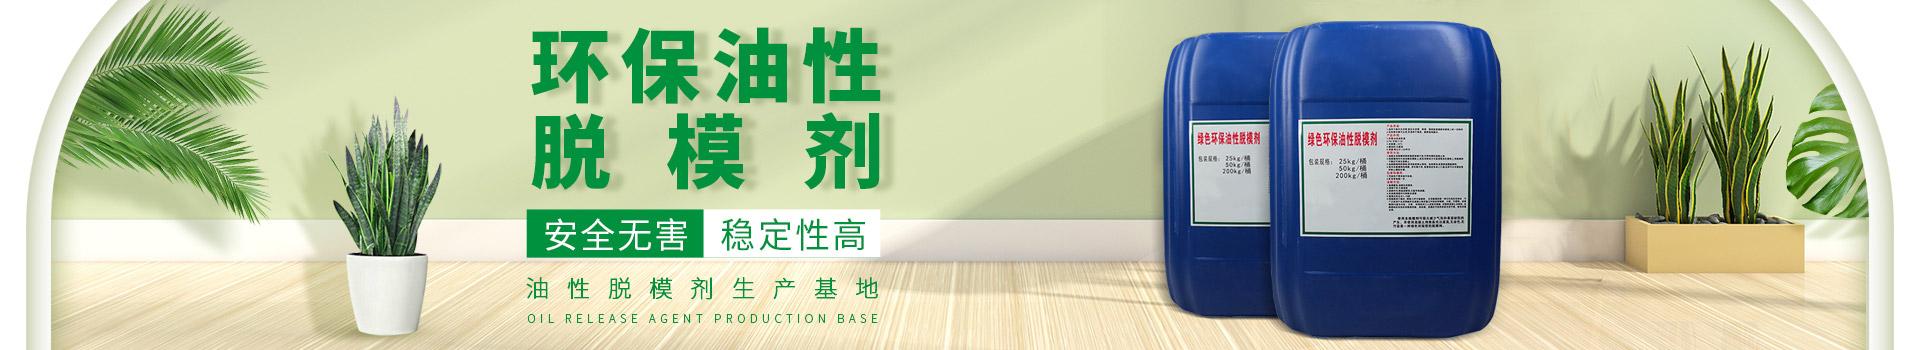 重庆建筑脱模剂